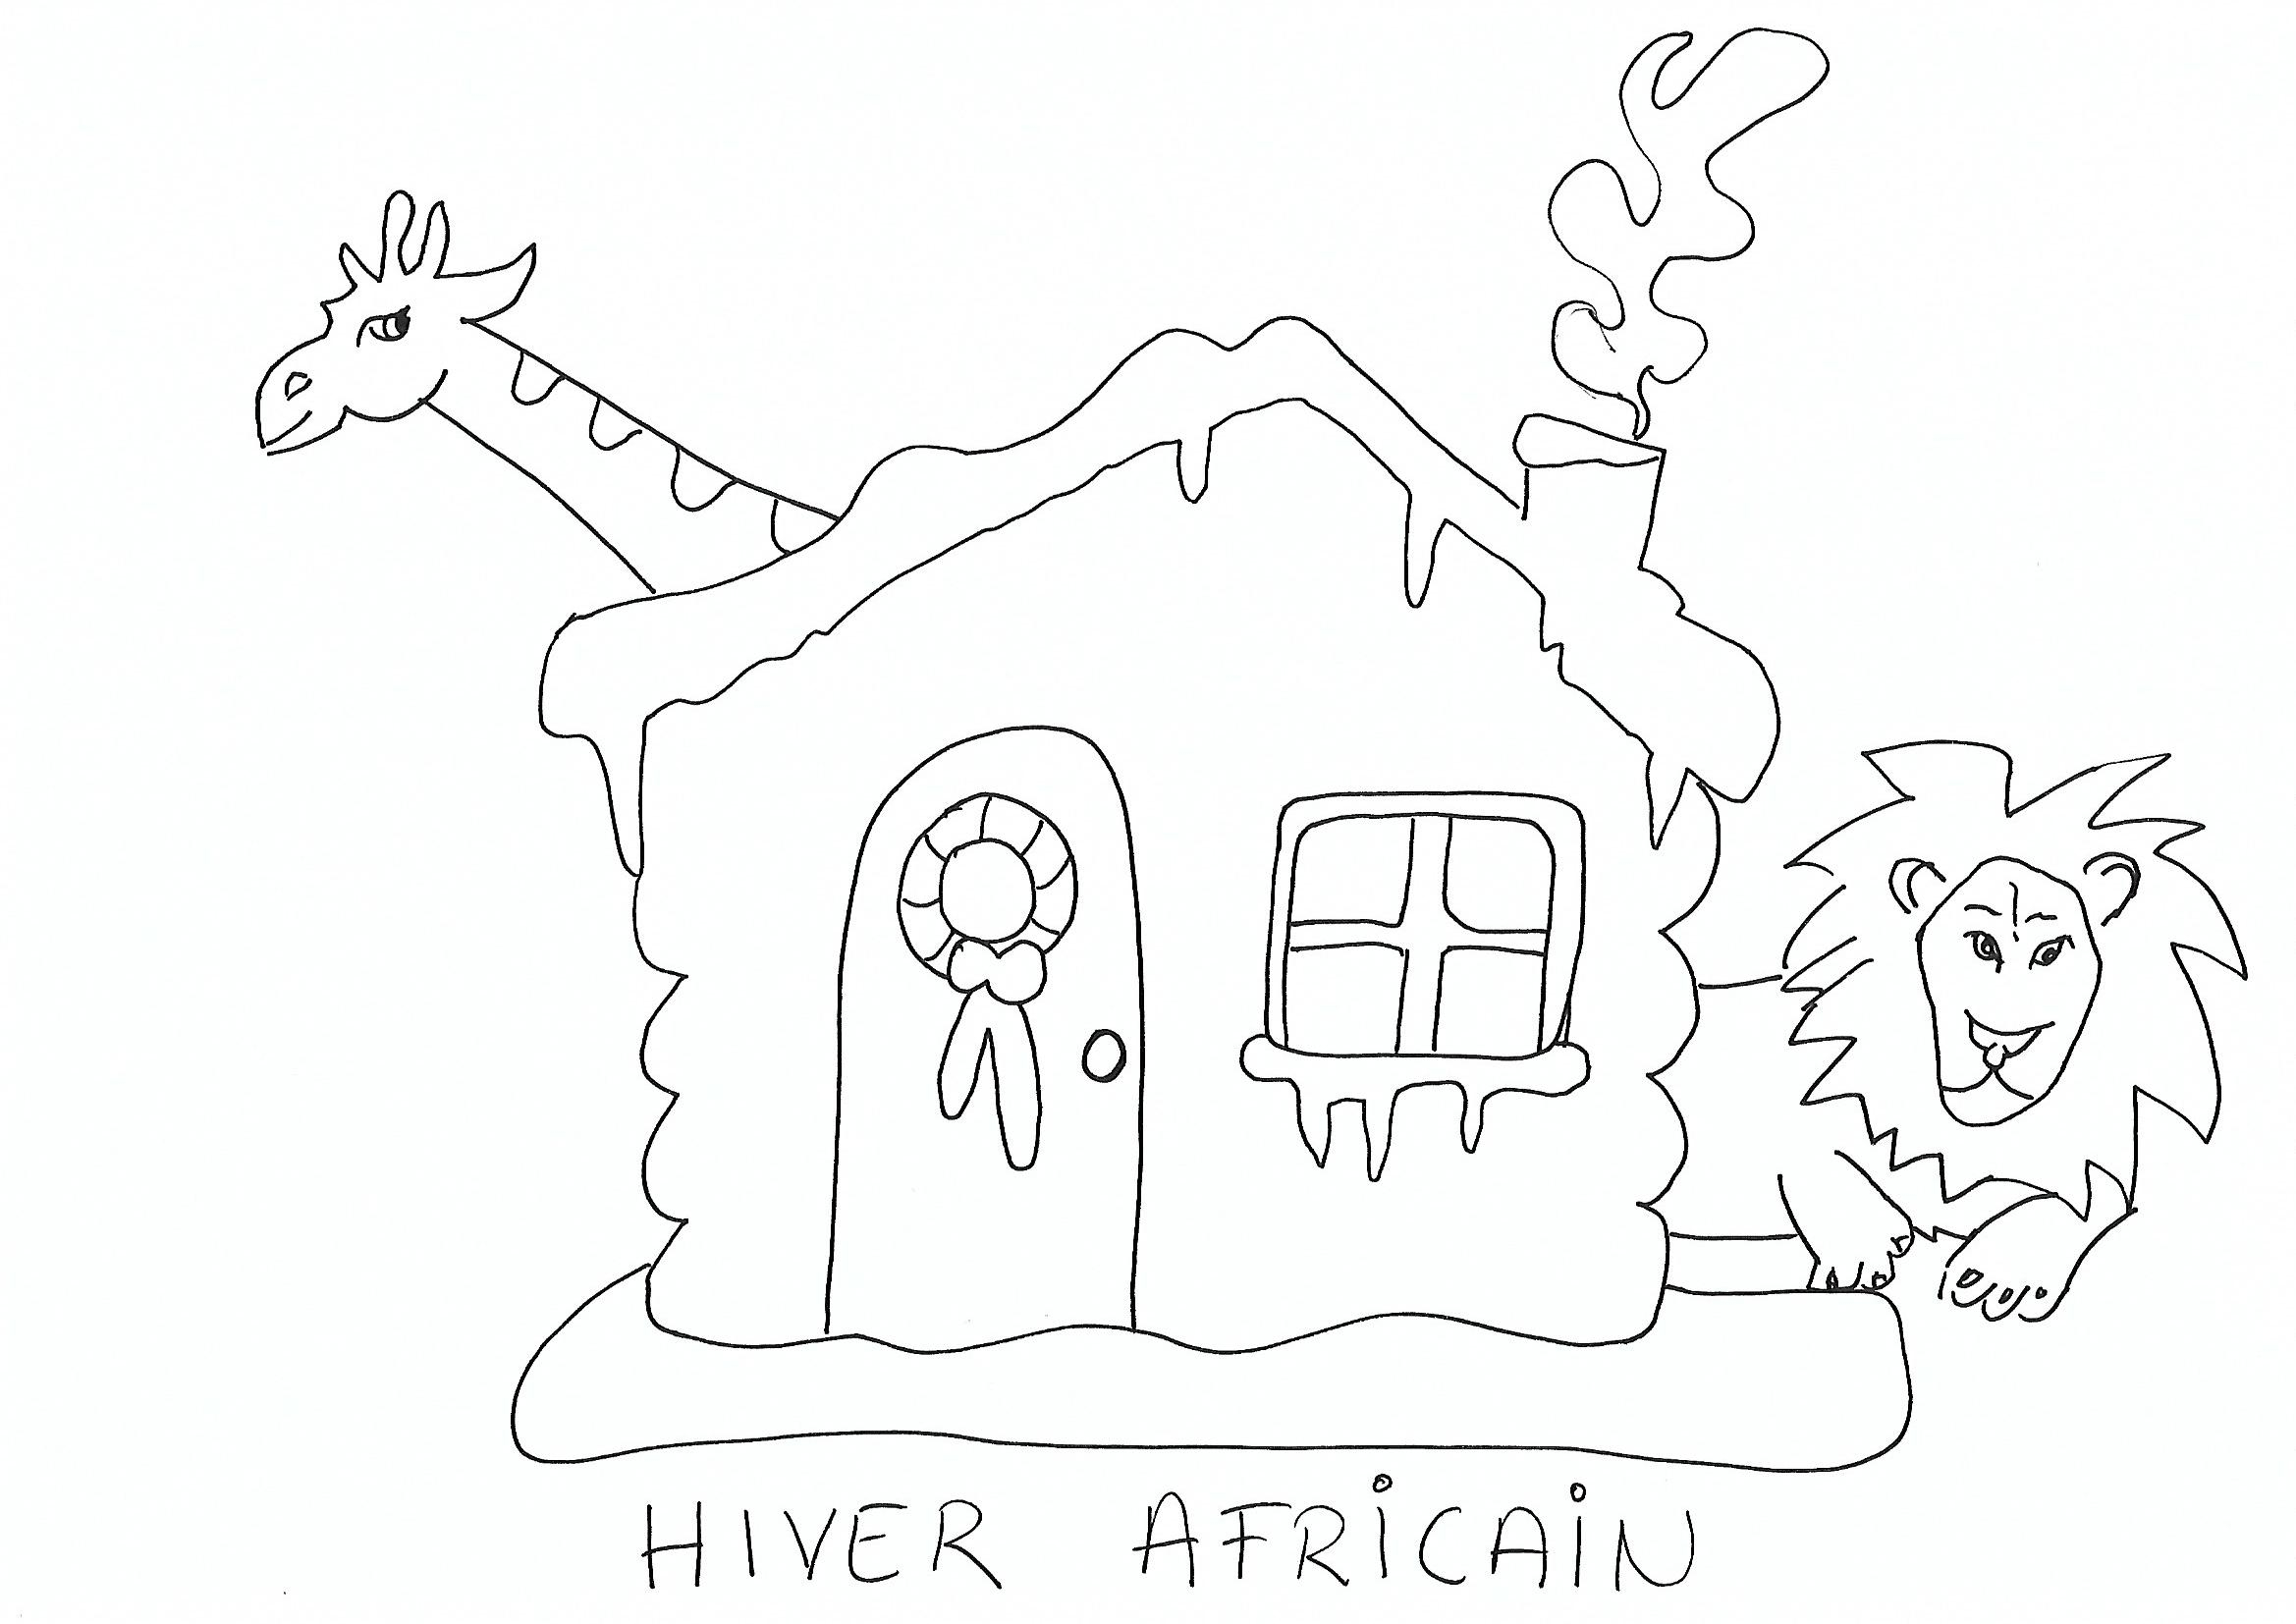 Coloriage Hiver Africain - Afrocaneo - Carrefour Culturel intérieur Coloriage Hiver Maternelle